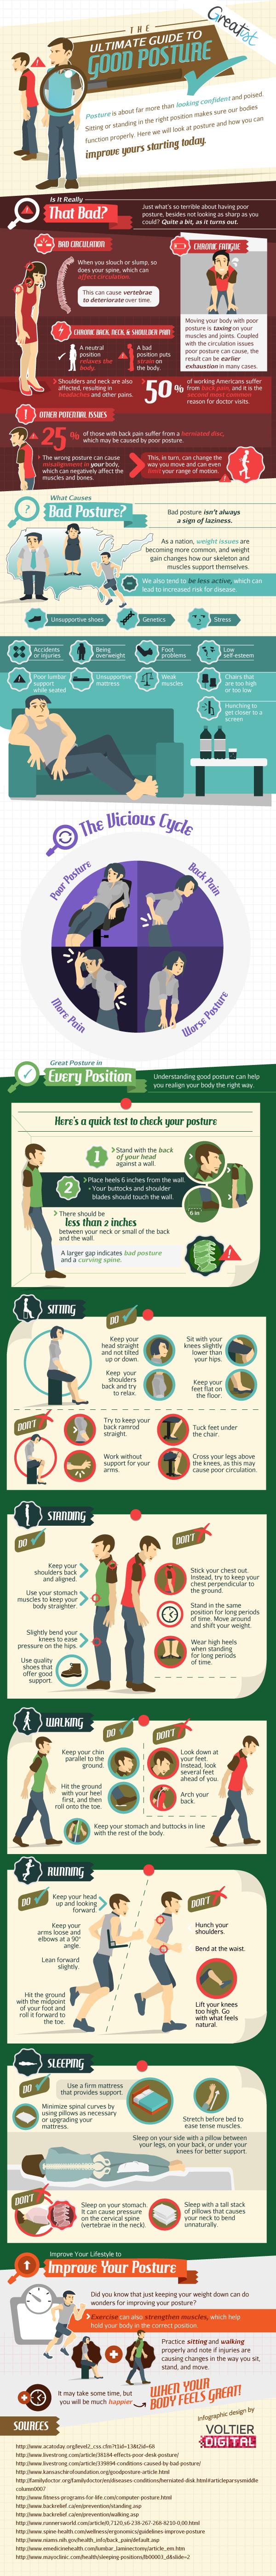 infografia mejores posturas y posiciones completa